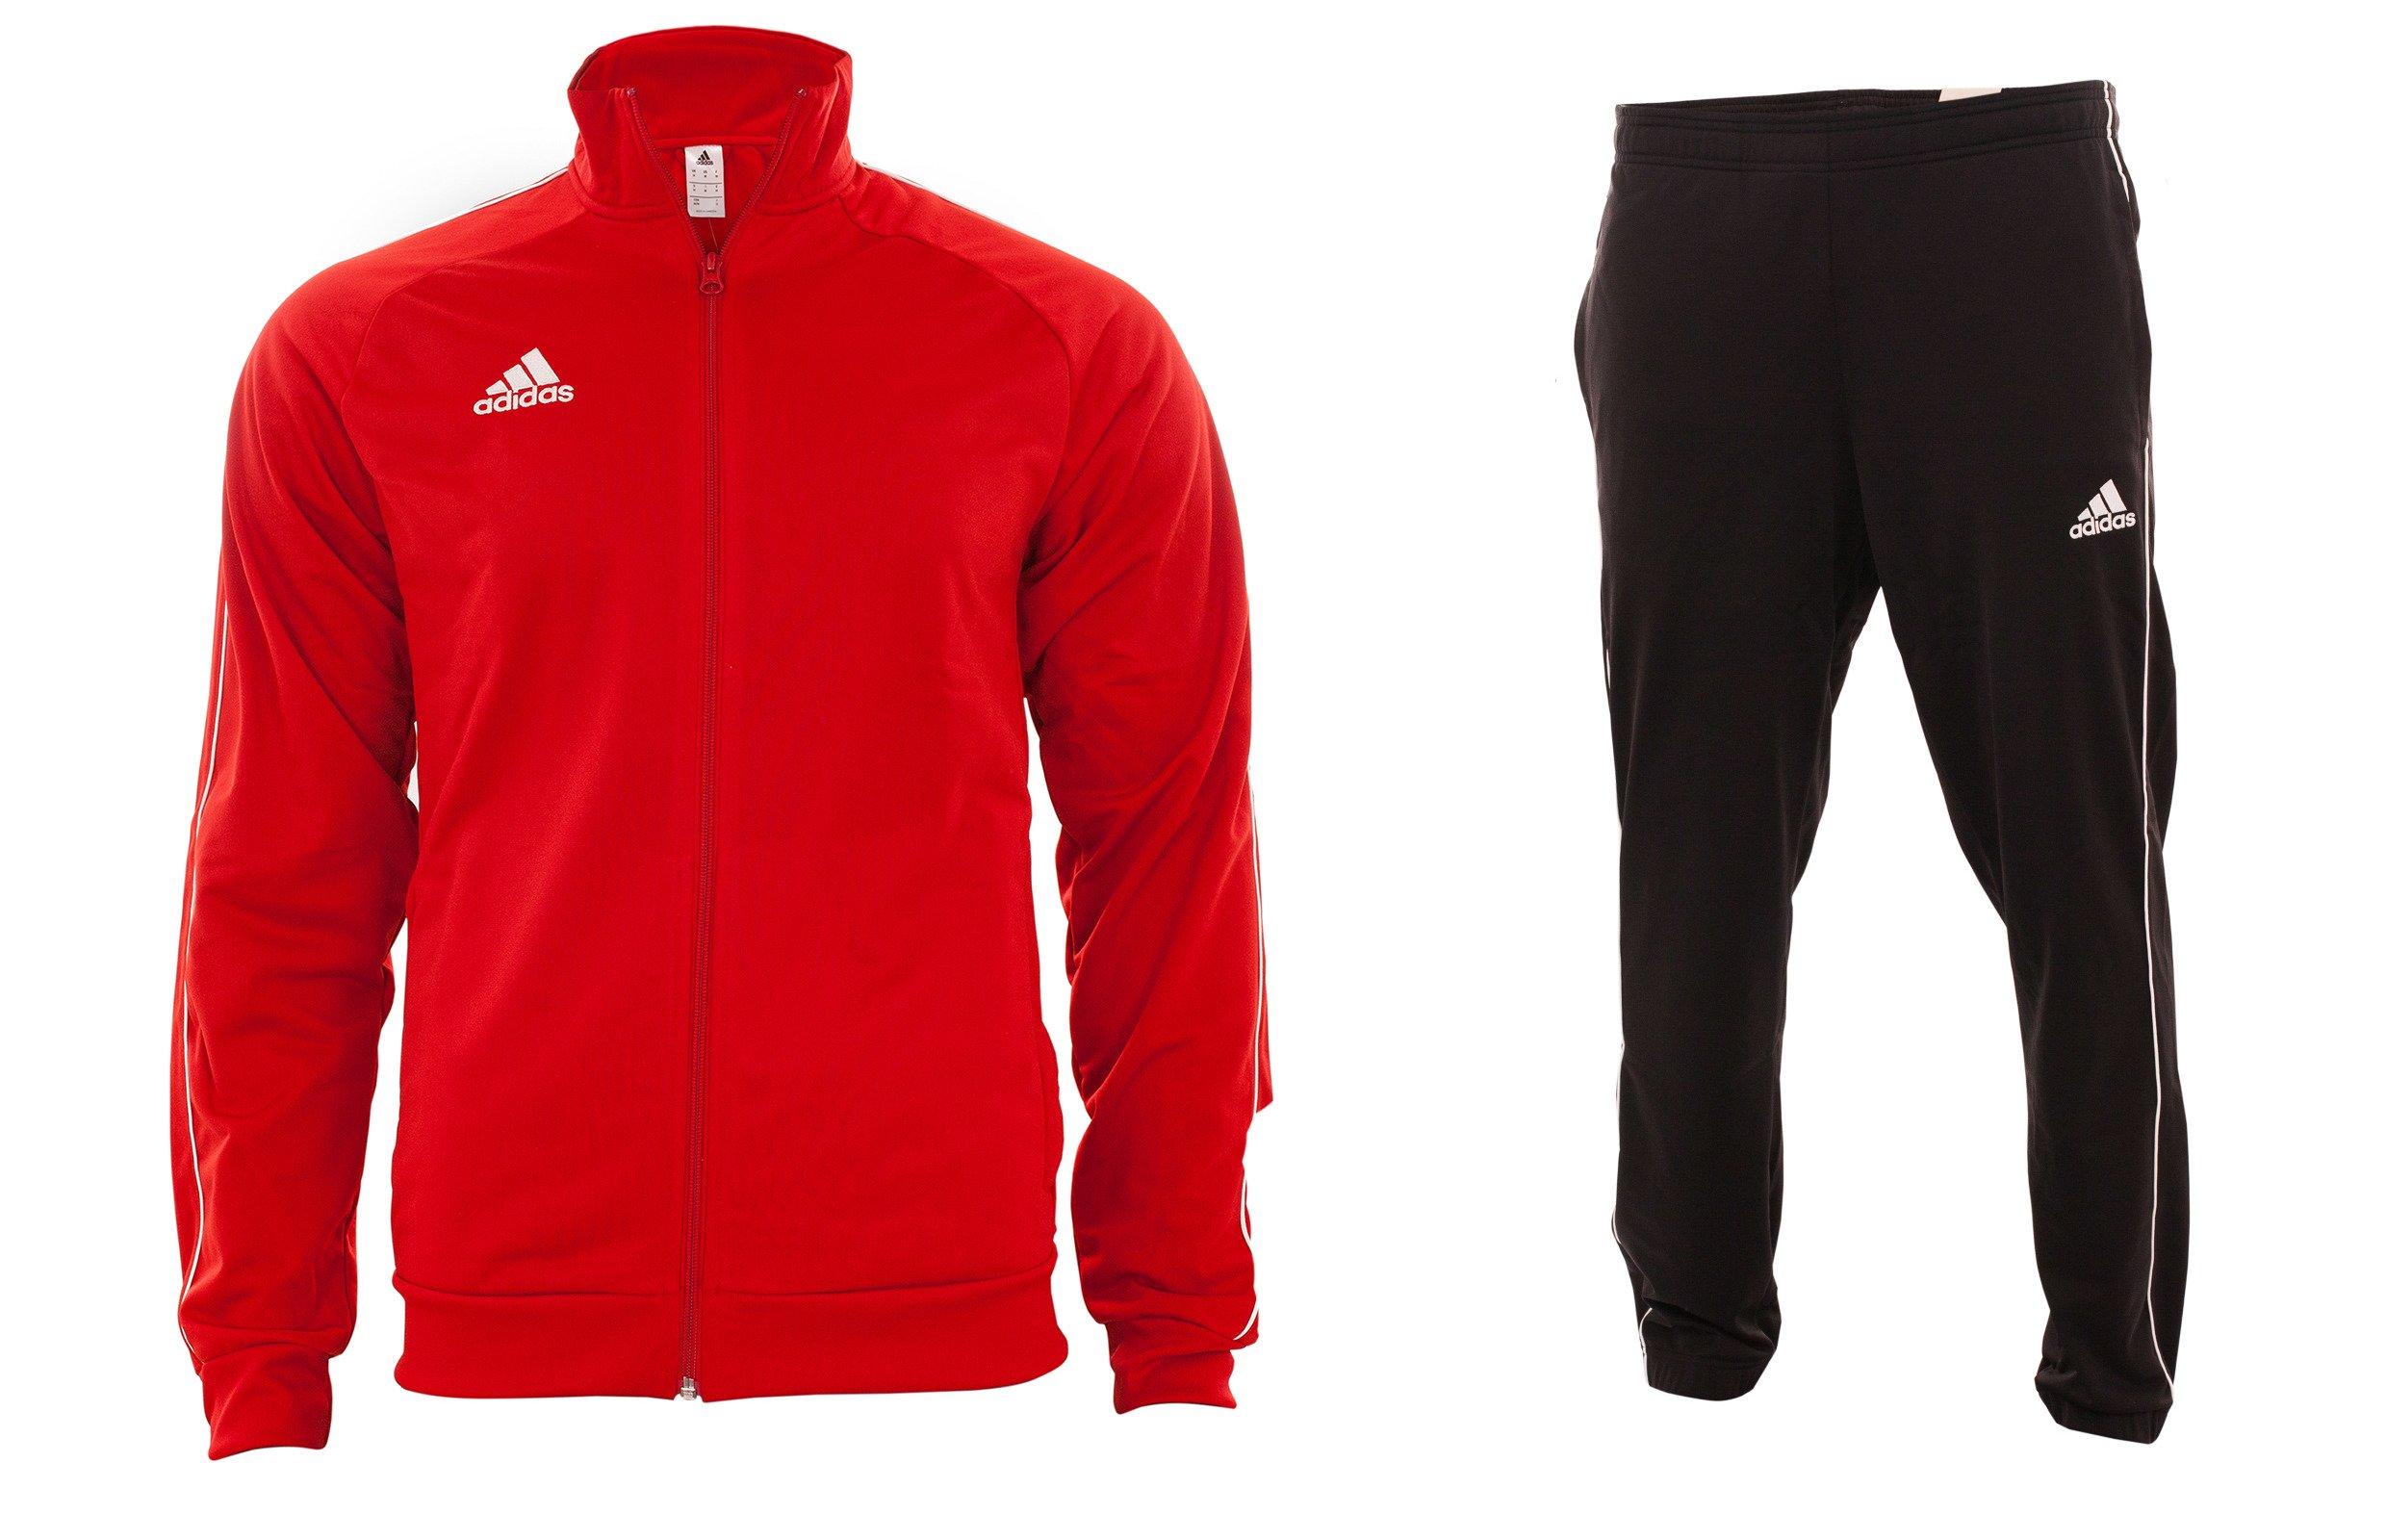 f59613025 Męskie czarne spodnie dresowe adidas wraz z czerwoną rozsuwaną bluzą ...